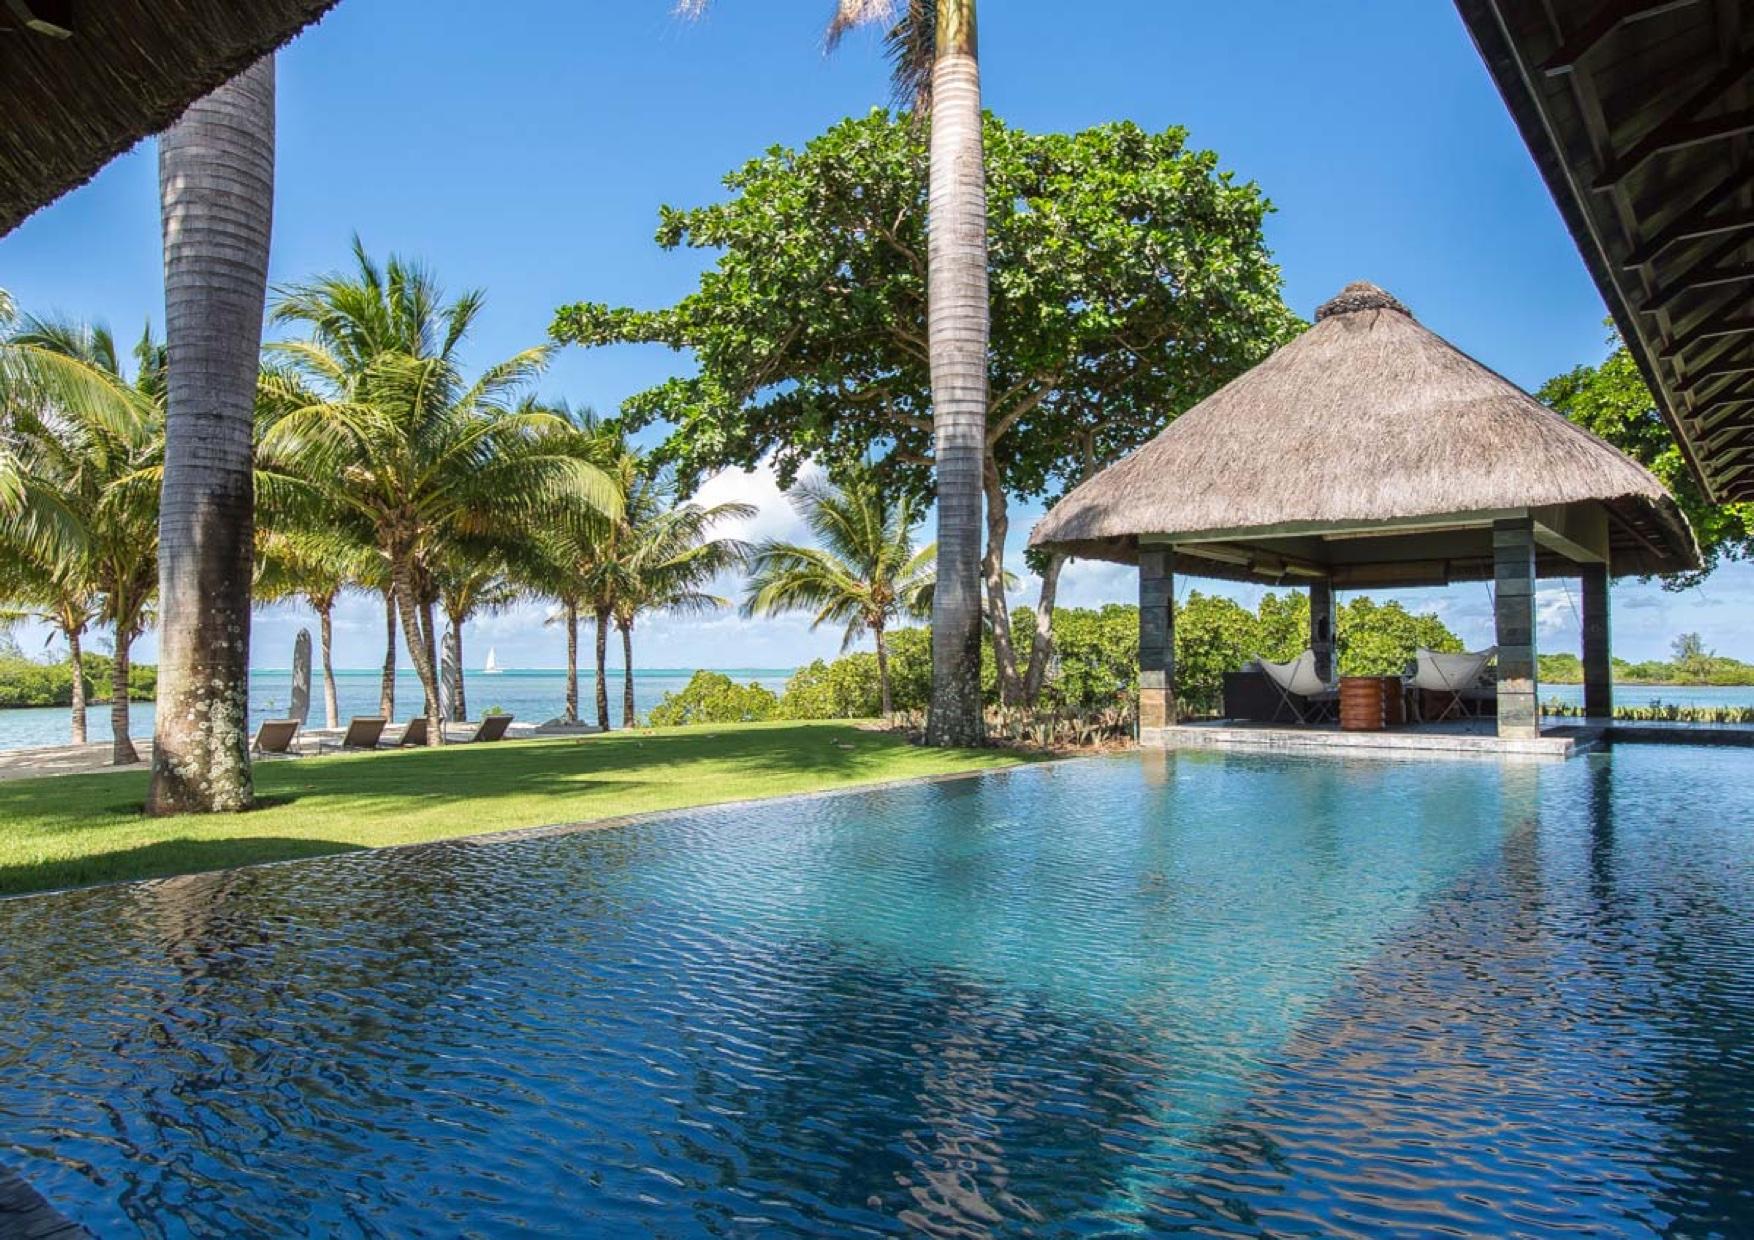 Incroyable Villa Four seasons sur un terrain de 4 039 m2 qui donne directement sur la mer